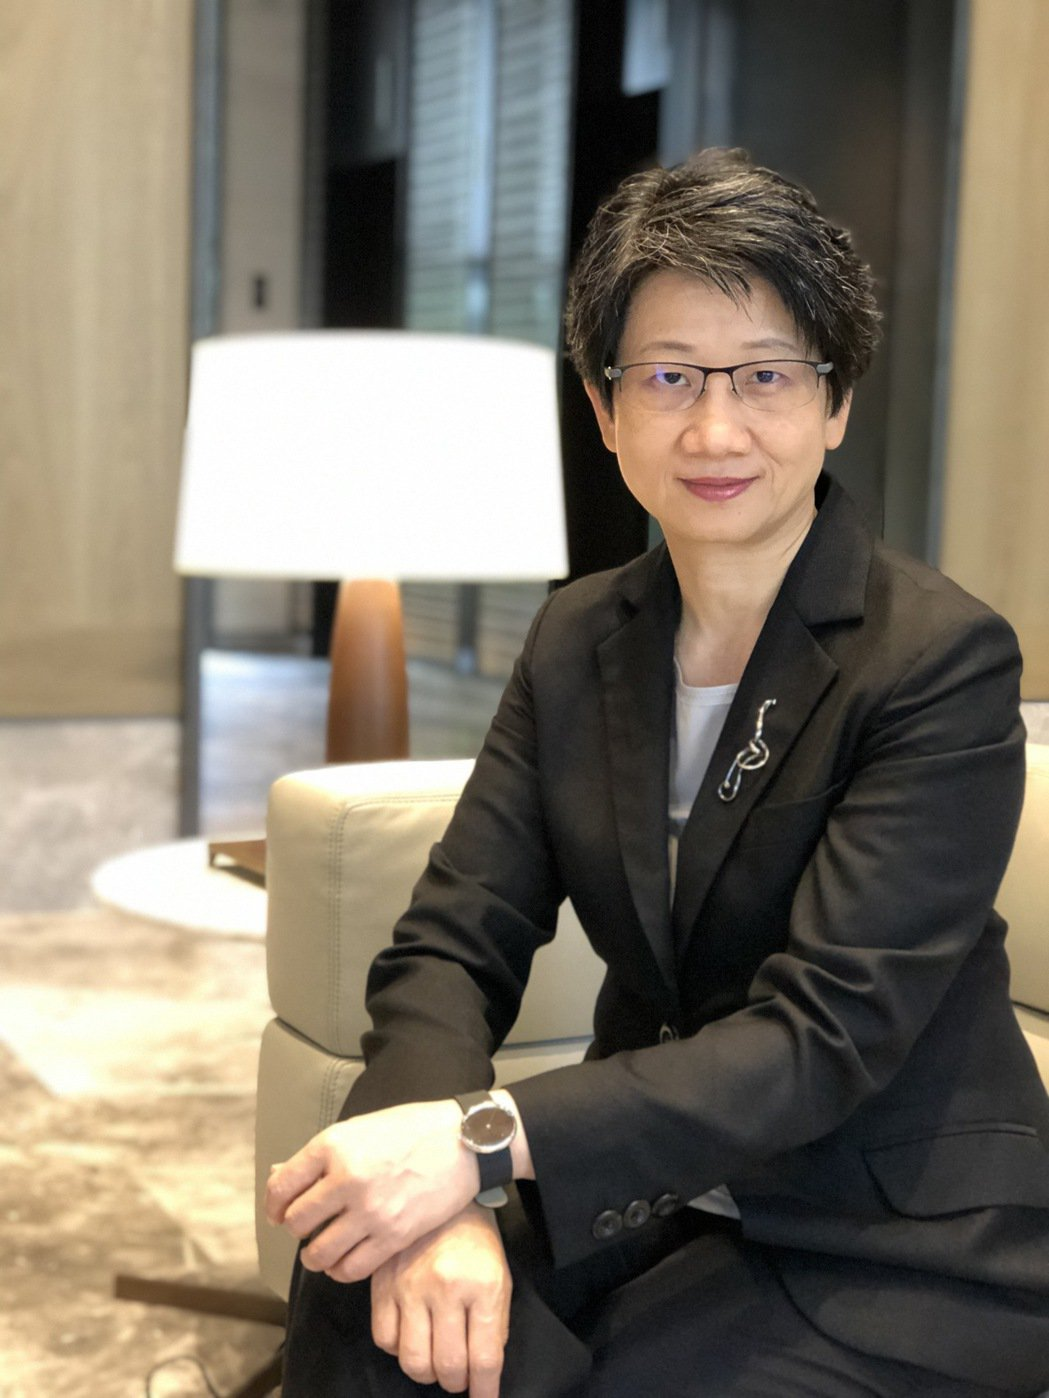 凱基投信副董事長暨總經理張慈恩。凱基投信/提供